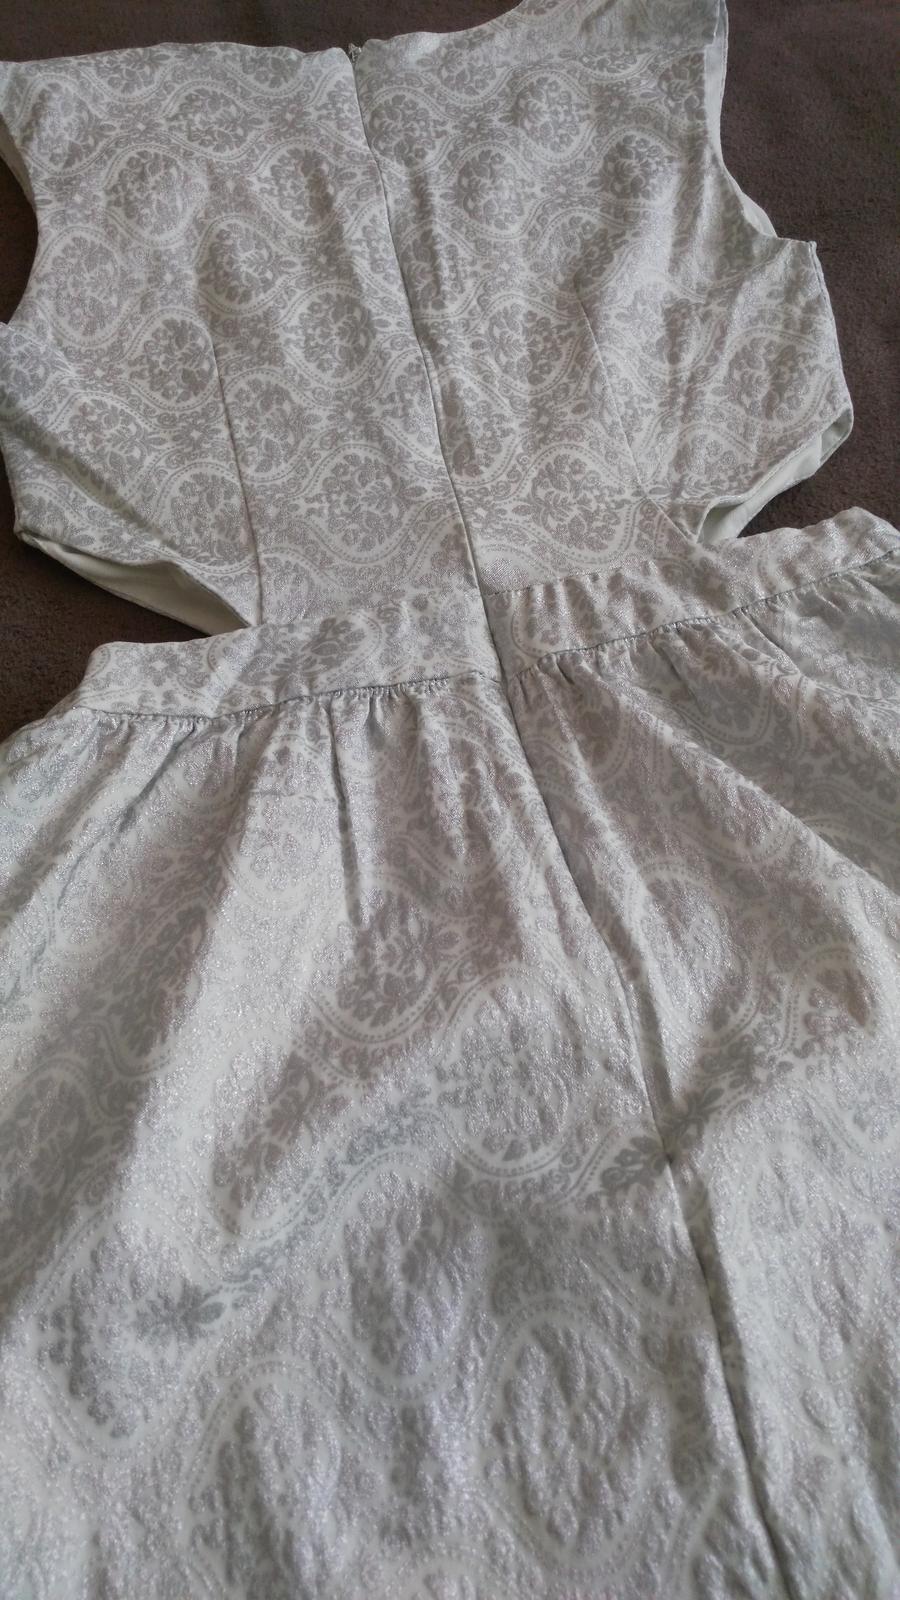 Strieborné sexi šaty 38/M - Obrázok č. 2